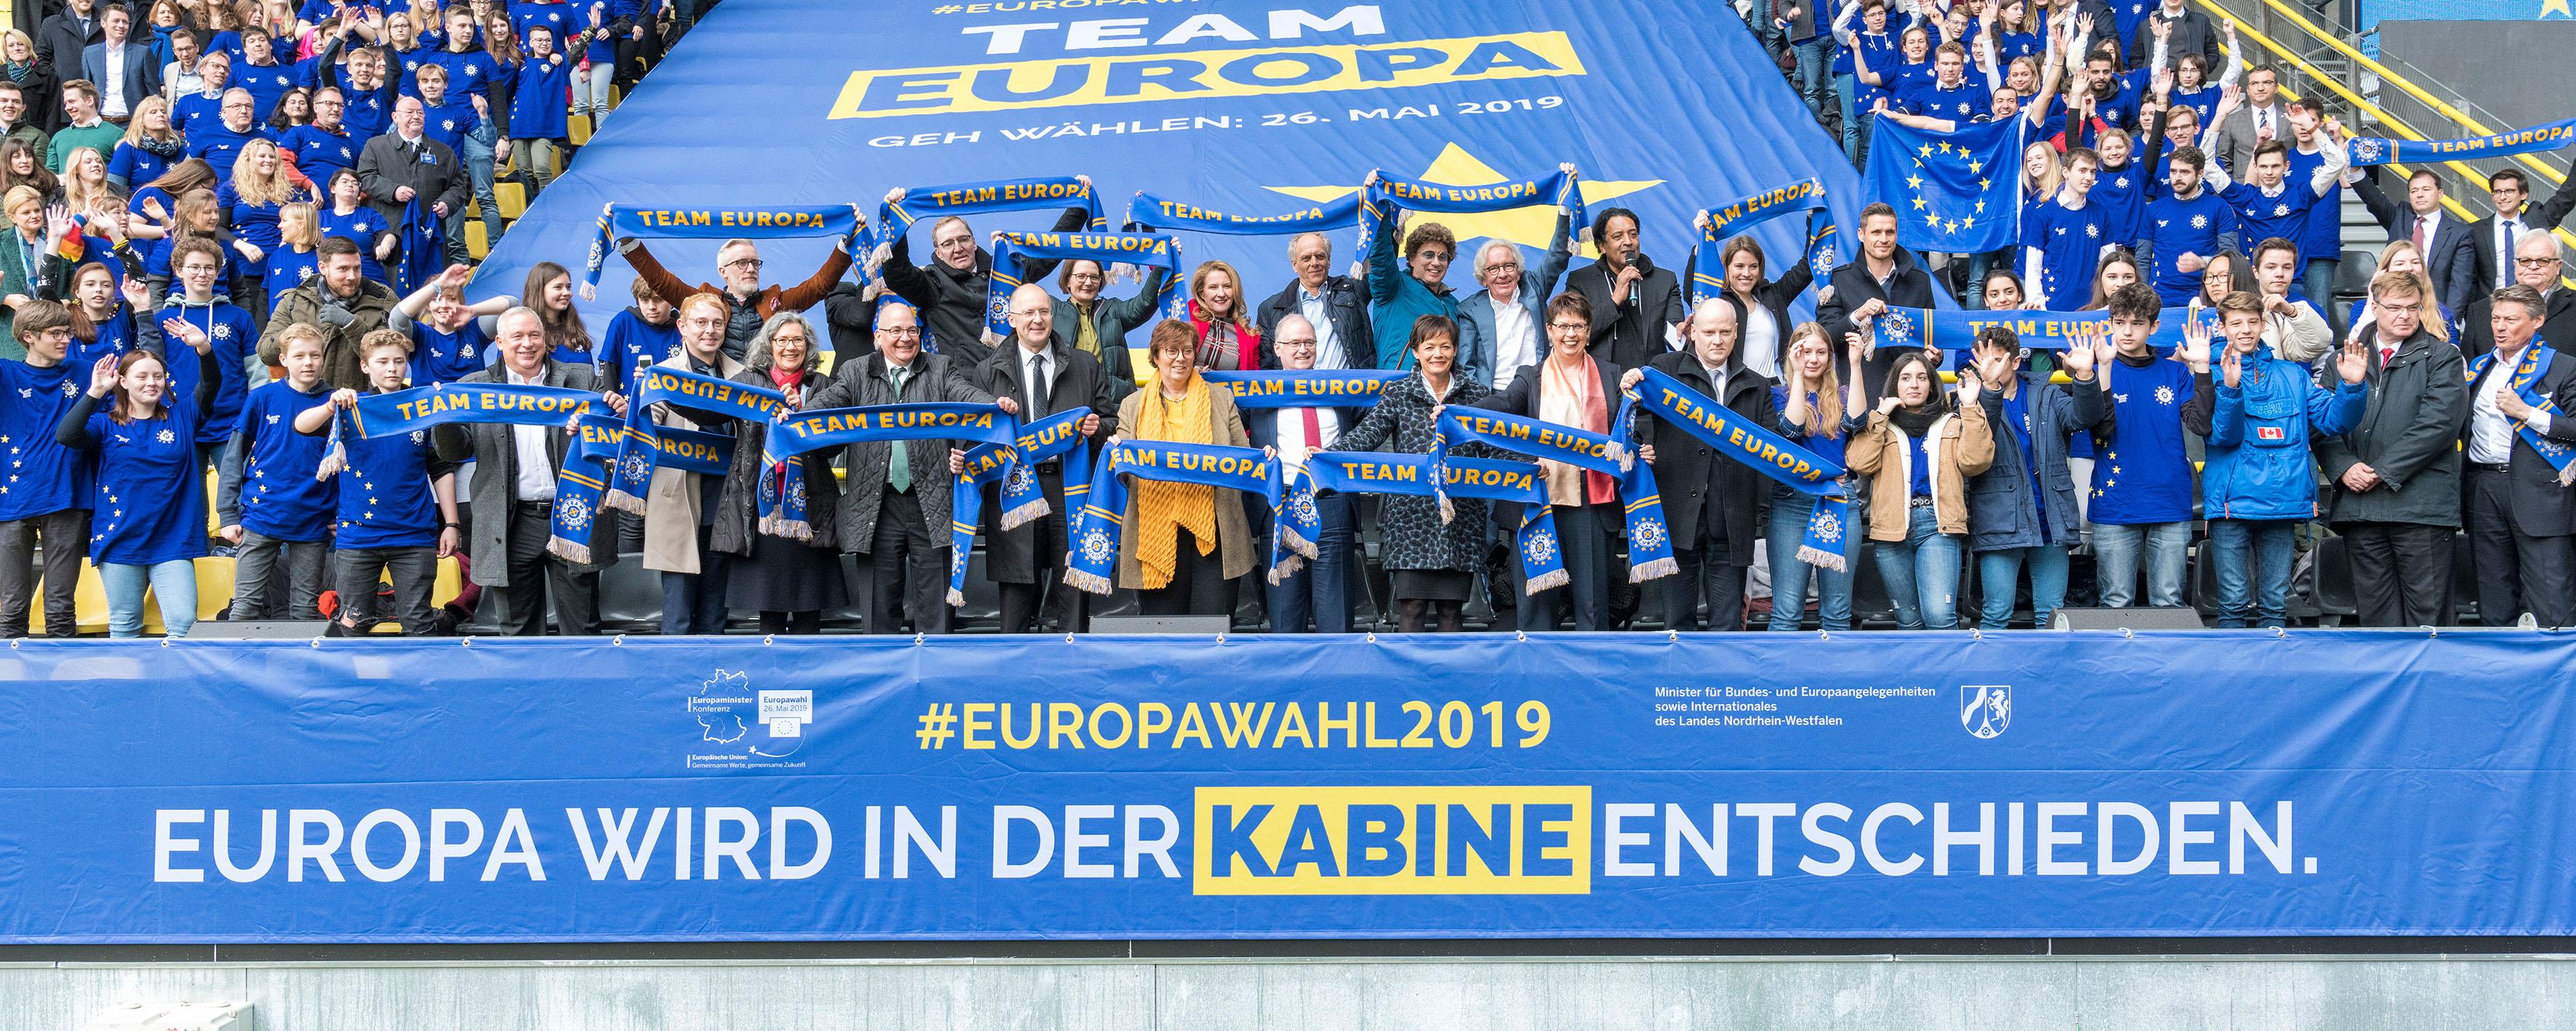 Mal schnell für ein funktionierendes Europa werben